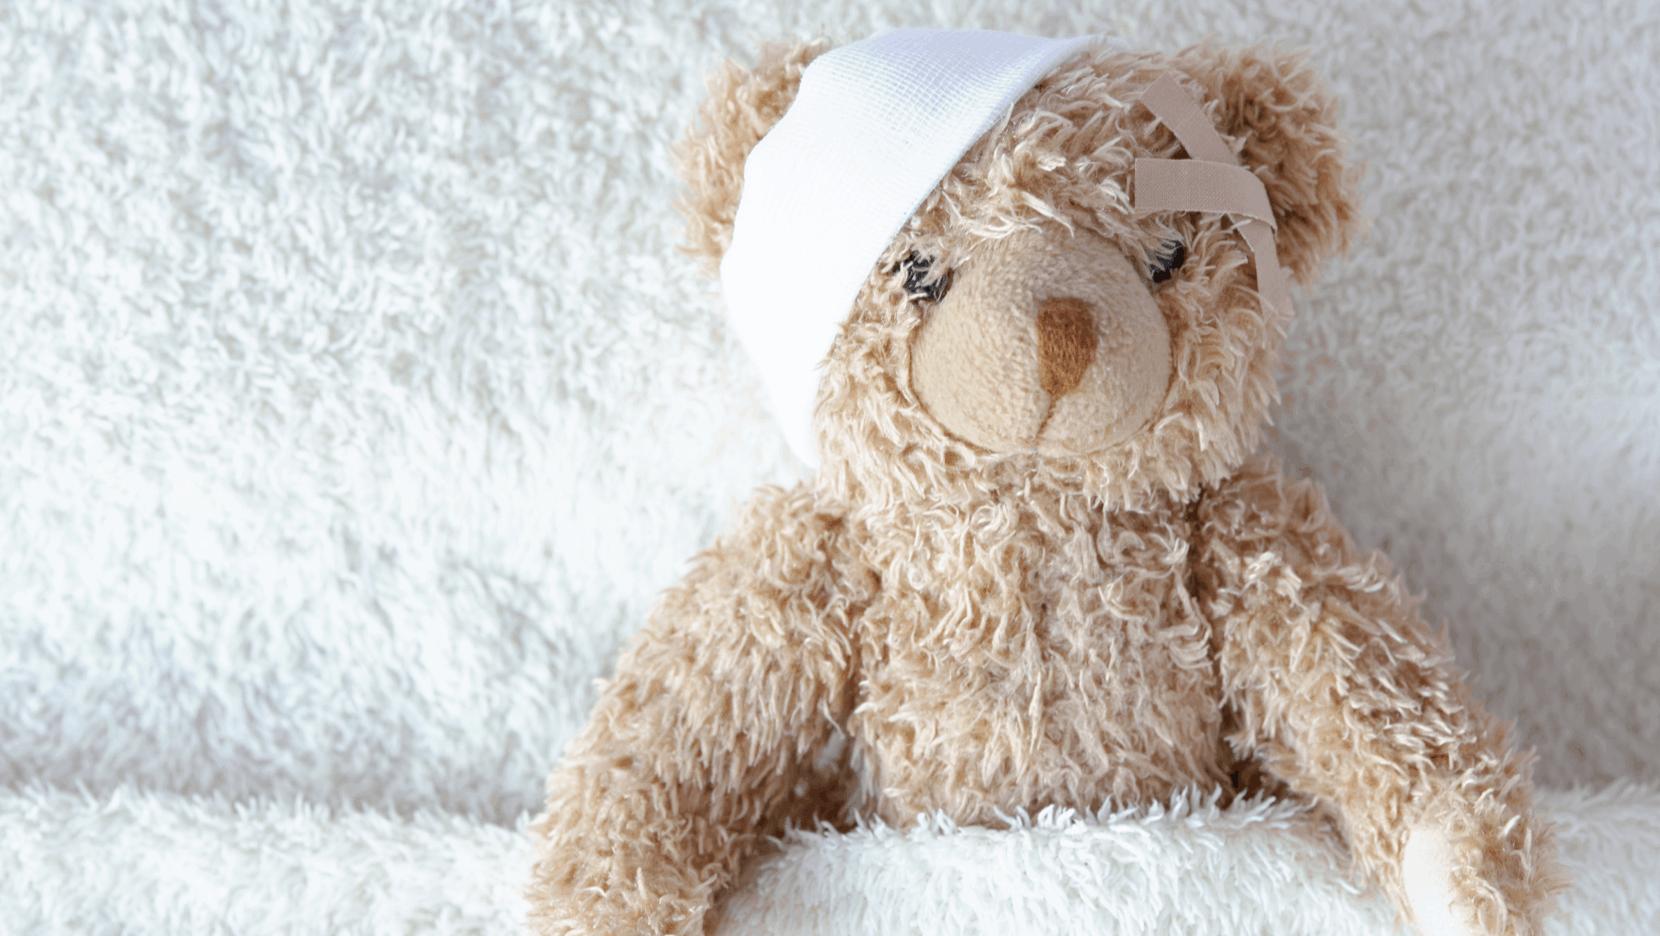 Teddybär, der einen Verband um sein rechtes Ohr trägt